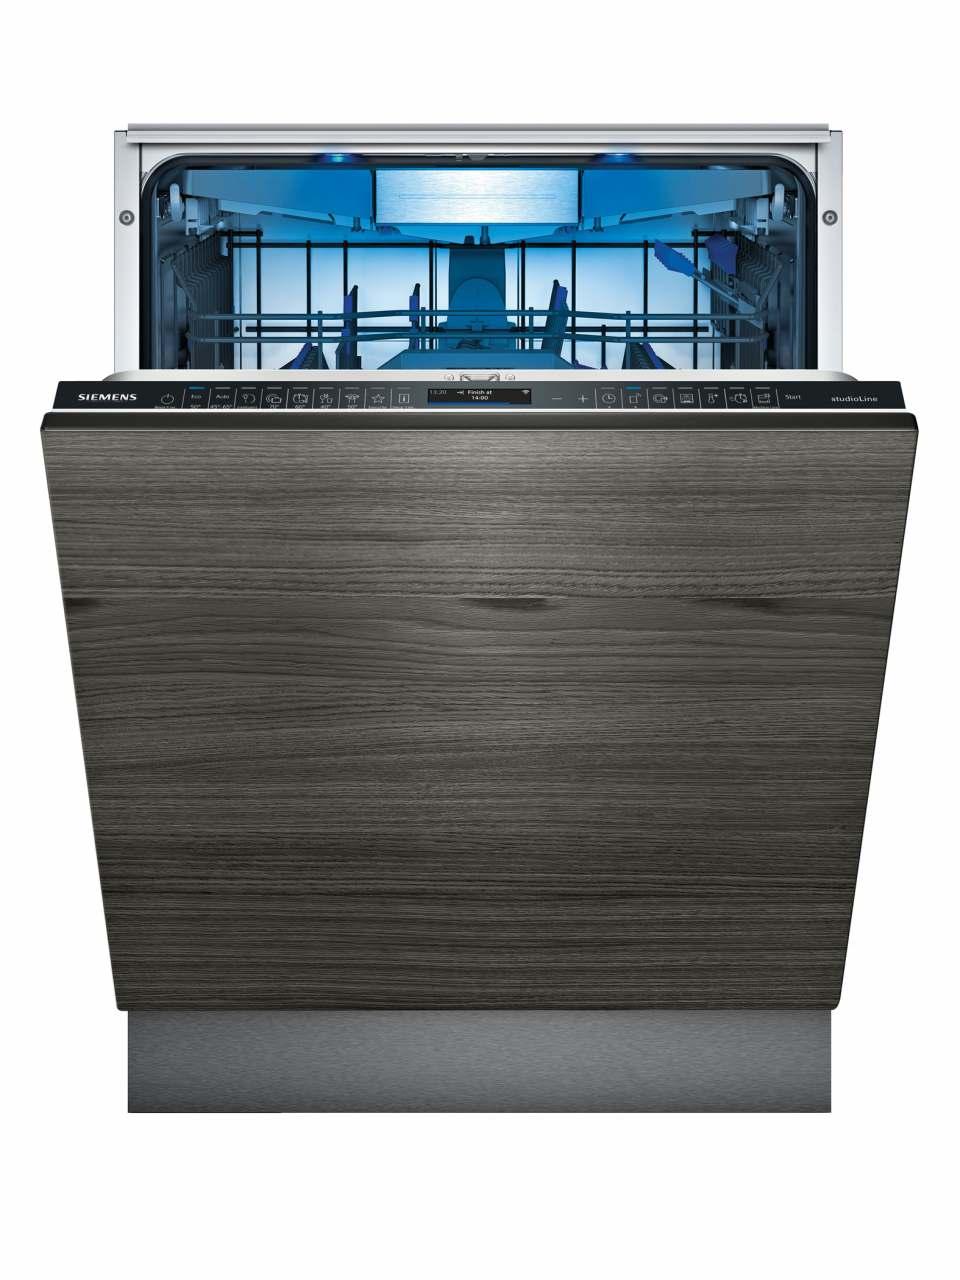 Siemens Geschirrspüler iQ700 mit intelligent Program